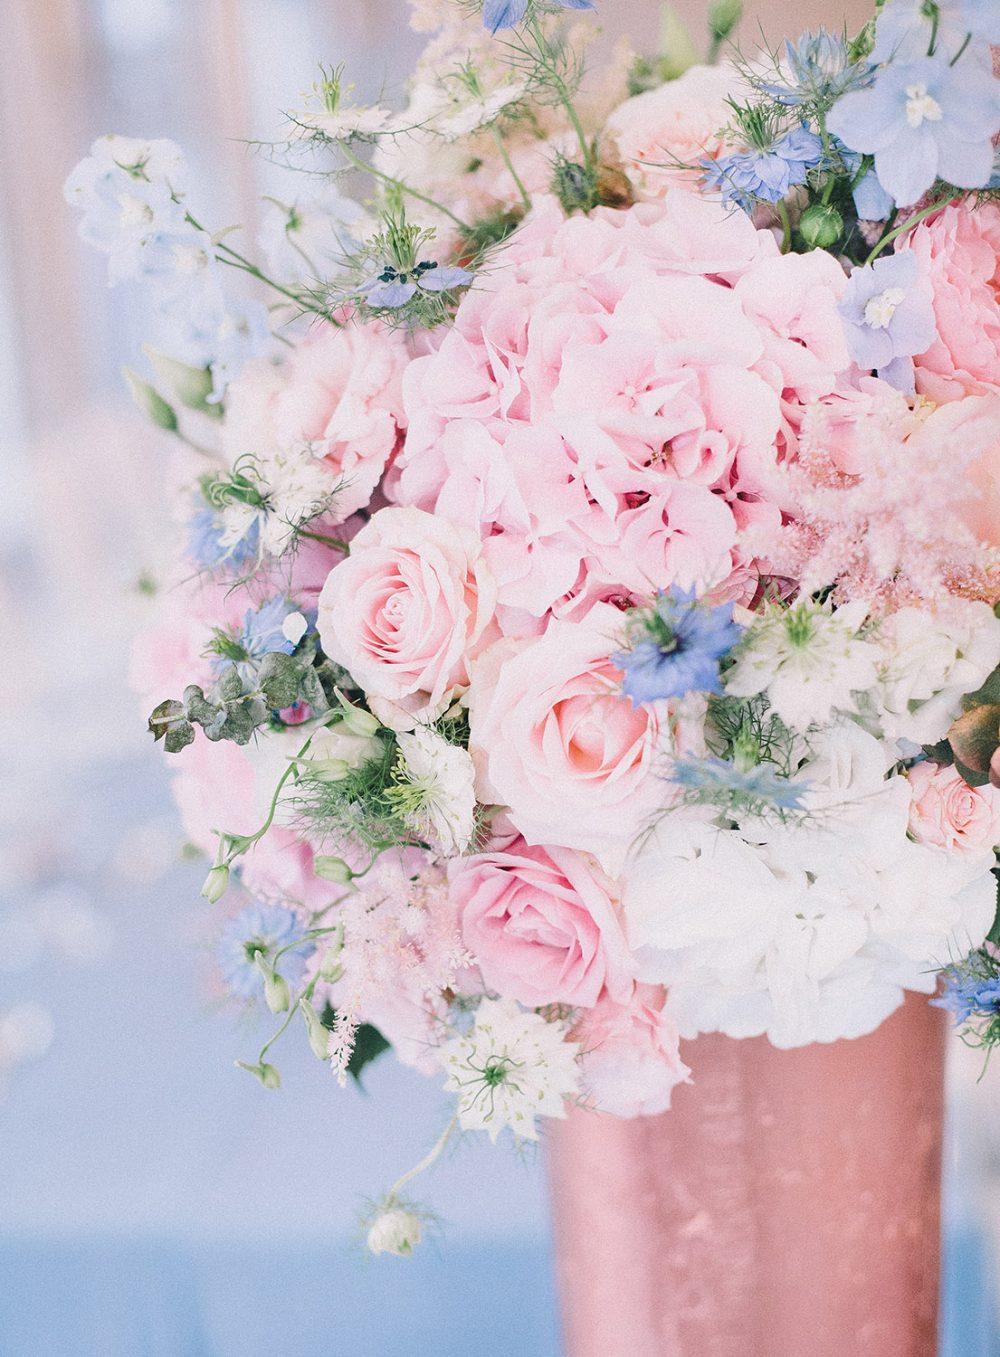 Pantone Trendcolors 2016 Rose Quartz Serenty Blue Copper Reception Schloss Hünigen Hochzeitsdekoration Hochzeitsblumen